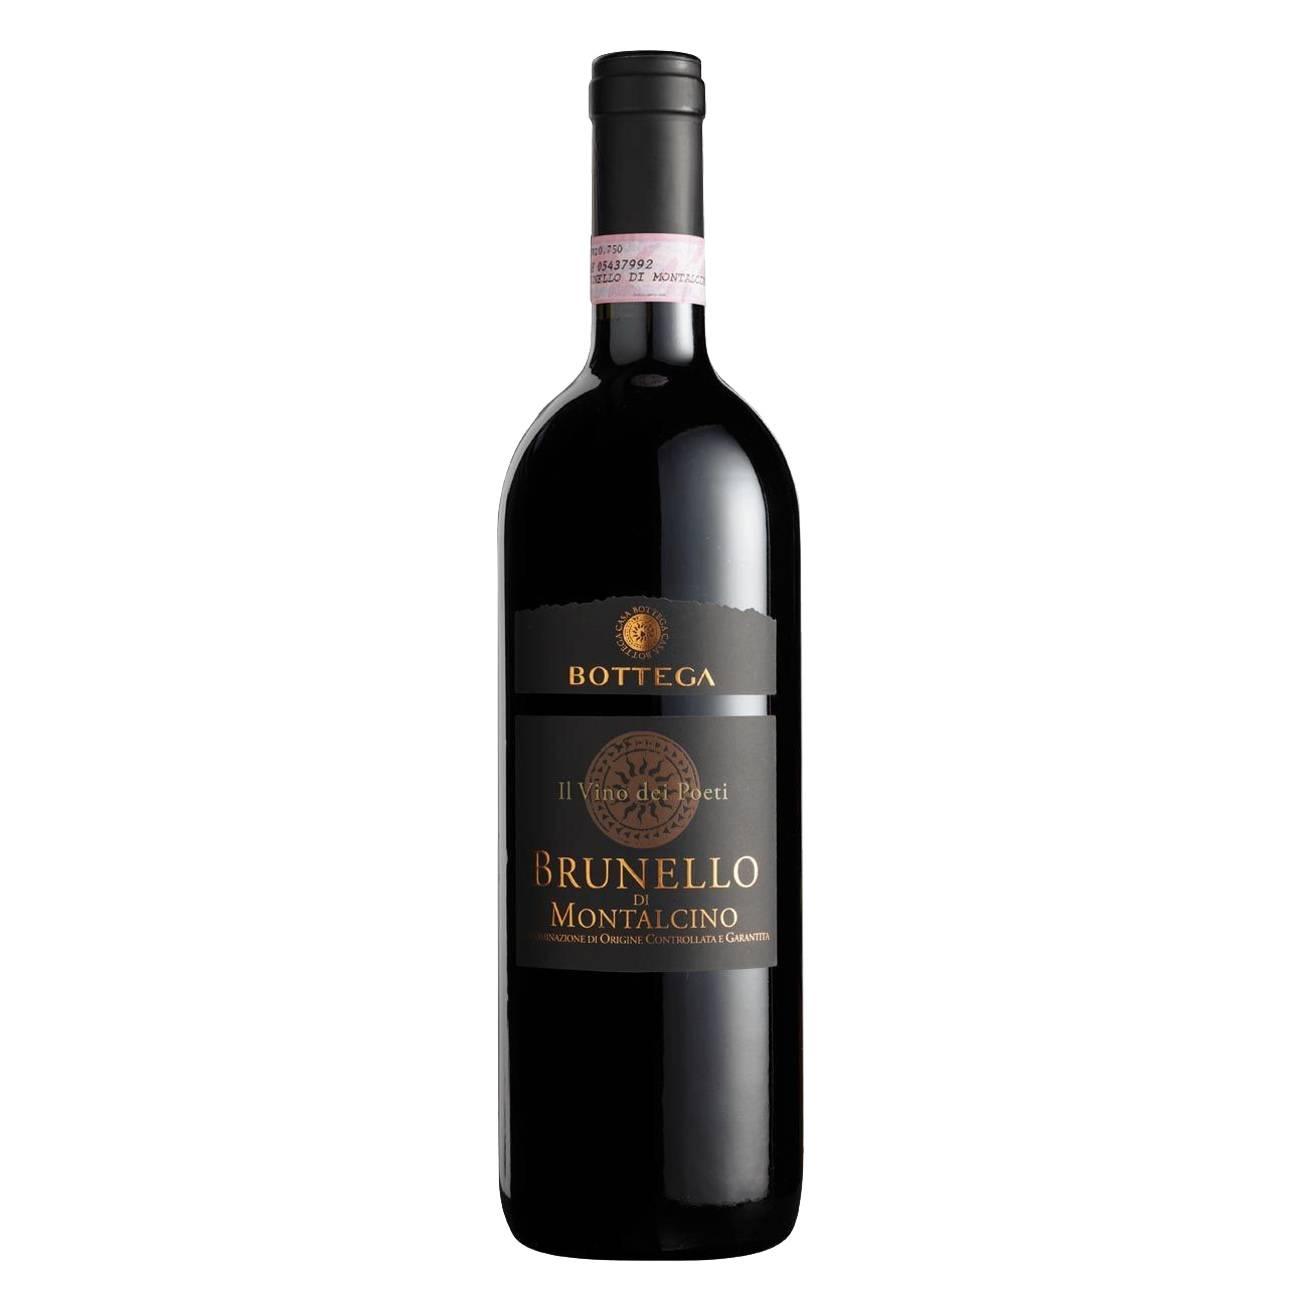 Vinuri, Brunello di Montalcino Vino dei Poeti 750 Ml, Bottega